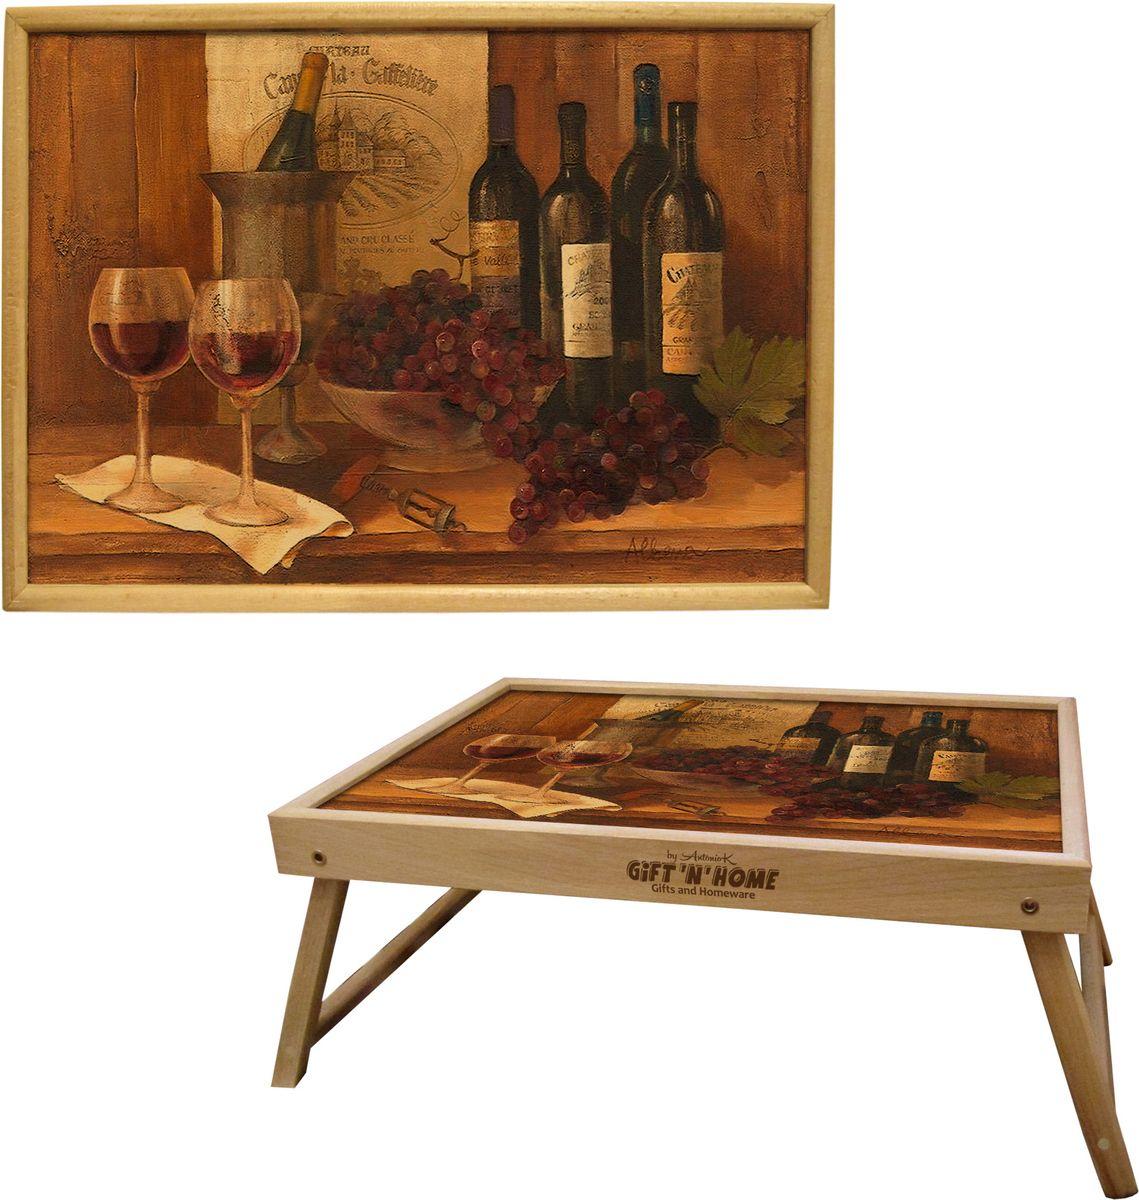 Столик с раскладными ножками GiftnHome Винтажные вина, 25 х 37,5 смTL-VinWinesСтолик с раскладными ножками GiftnHome Винтажные вина изготовлен из бука - благородной породы древесины. Это крепкий, экологичный и надежный материал, который идеально подходит для производства подносов. Изделие прекрасно перенесет длительную эксплуатацию и надолго сохранит свой шарм древесной структуры и природные качества. Столик-поднос - это великолепное решение для подарка и истинный комплимент вашим любимым и близким людям. С ним вы с легкостью сможете подать кофе, завтрак в постель или вынести на веранду гостям закуски и фрукты. Такой столик удобен для пикников. Помимо функциональной пользы, данное изделие изысканно дополнит интерьер помещения и внесет уют в домашнее пространство. Нанесенные на столик дизайнерские принты от Креативной Студии АнтониоК делают изделие уникальным.